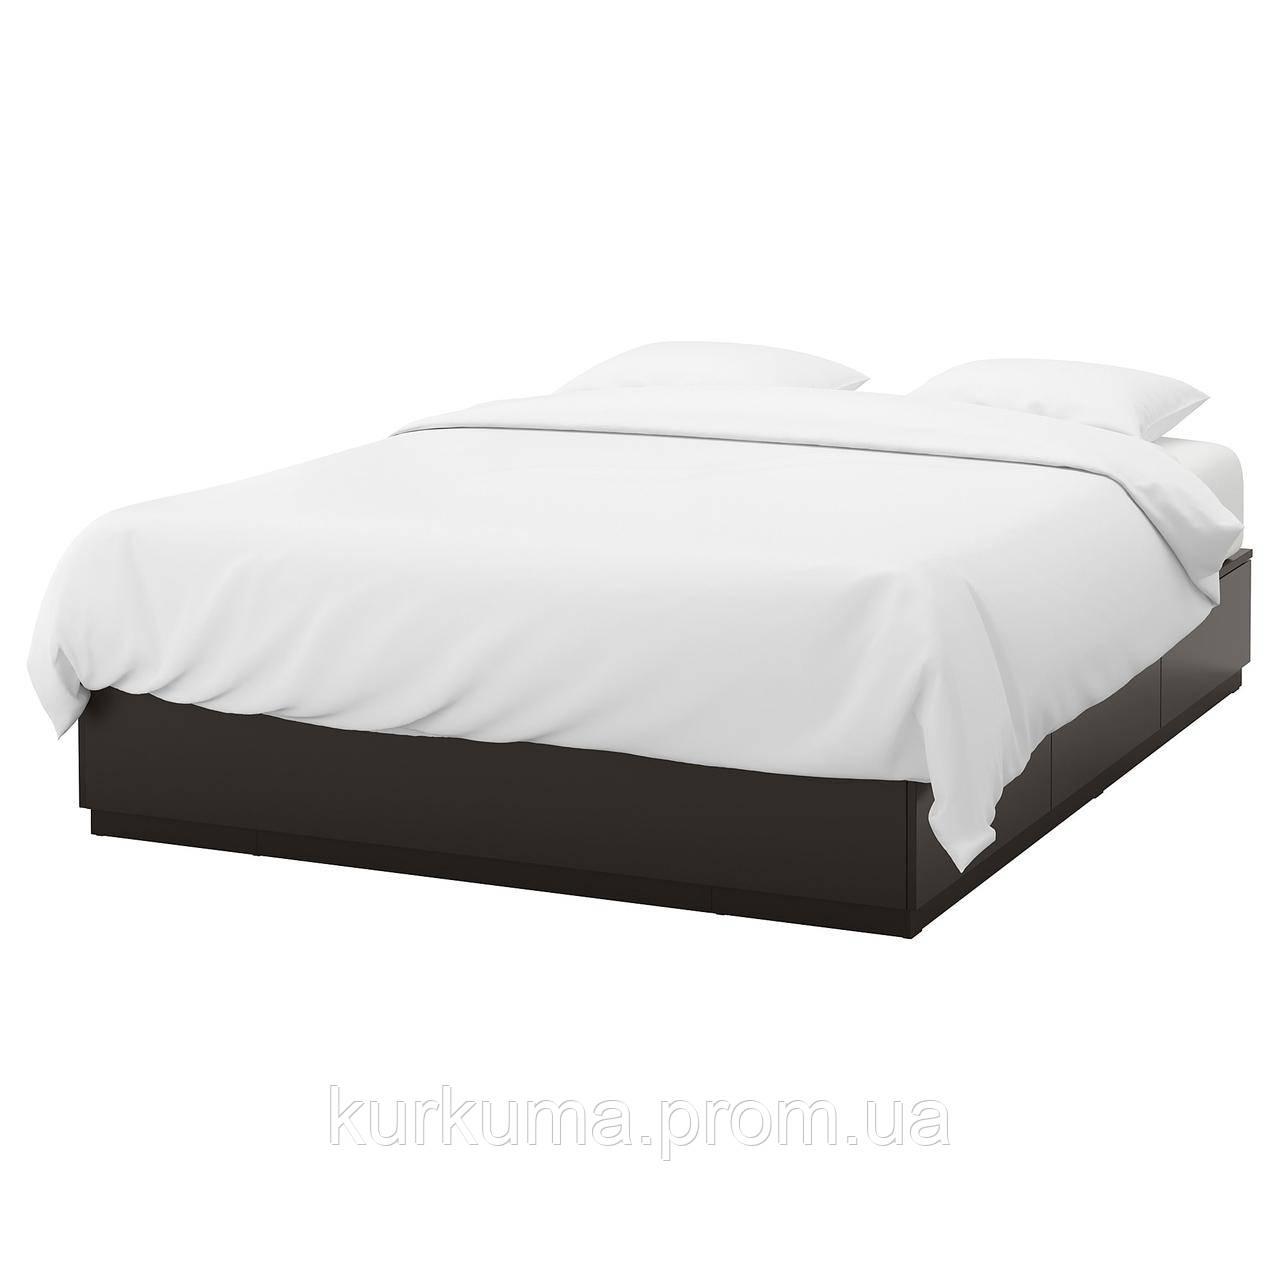 IKEA NORDLI Кровать с ящиками, антрацит  (903.727.79)